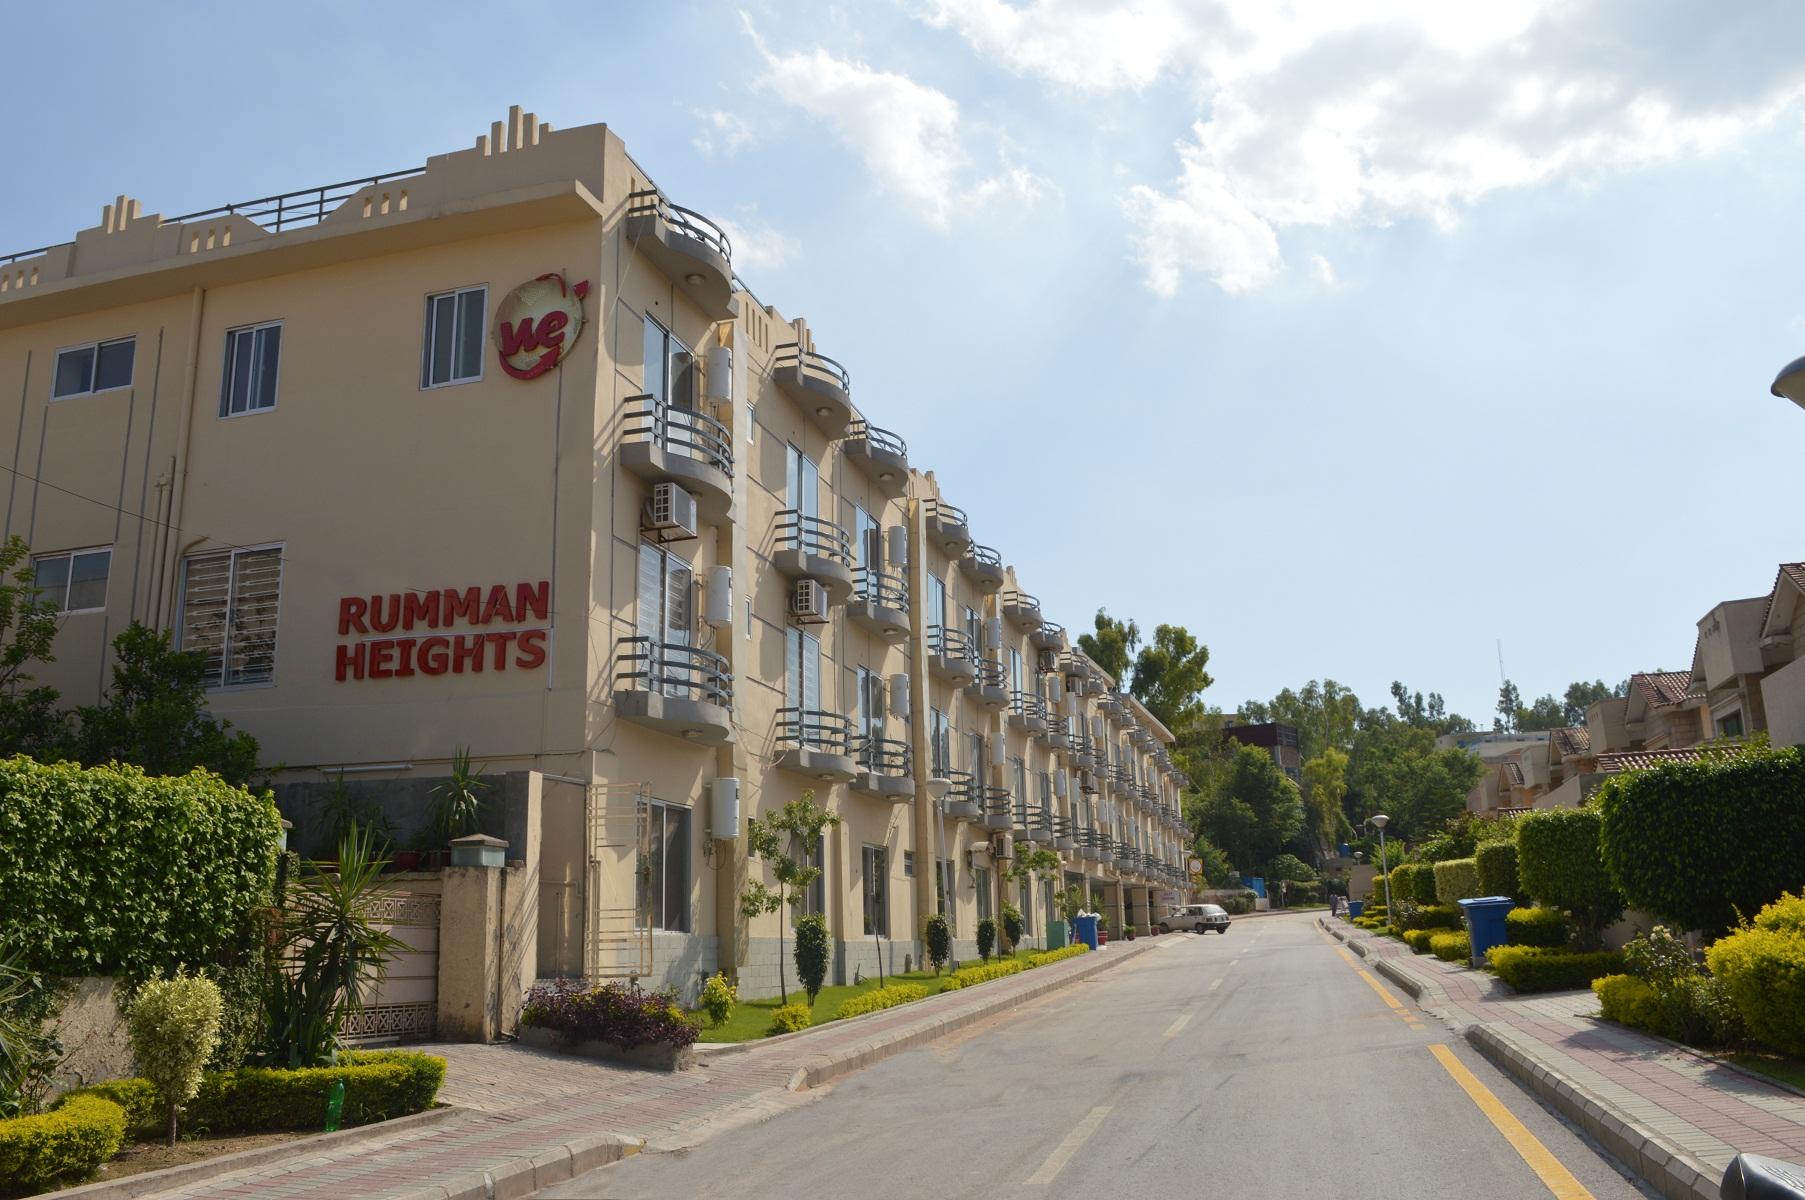 Rumman Heights